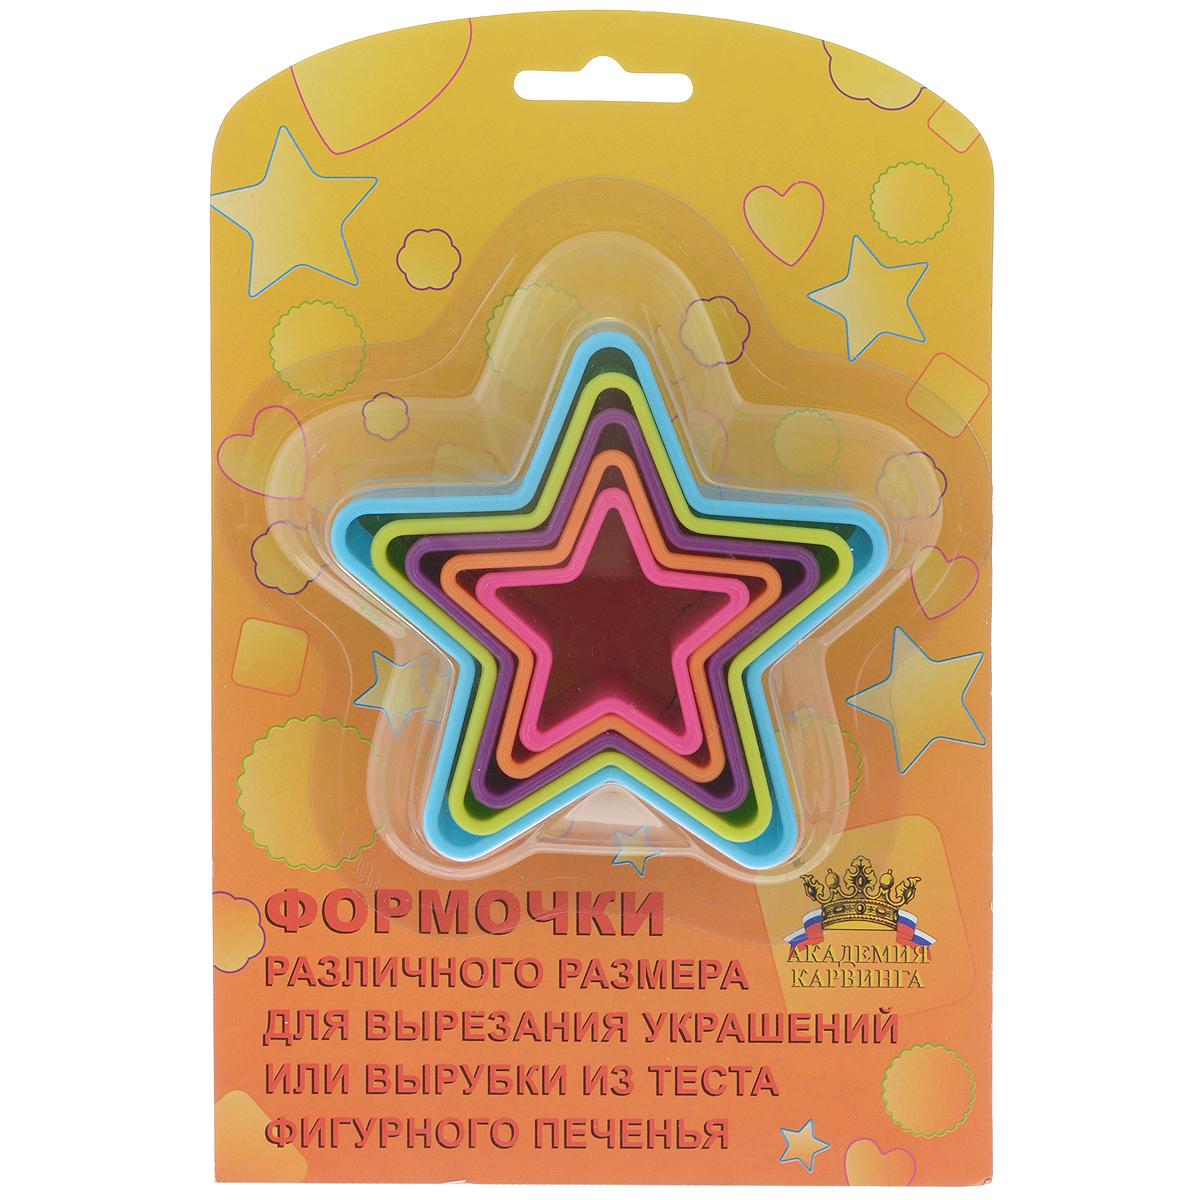 Набор формочек Borner Звезда, 5 шт861015Набор Borner Звезда, изготовленный из пищевого пластика, состоит из 5 формочек для вырезания украшений или вырубки из теста фигурного печенья. Формочки разных размеров и цветов выполнены в форме звезд.Если вы любите побаловать своих домашних вкусным и ароматным печеньем по вашему оригинальному рецепту, то набор формочек Borner Звезда как раз то, что вам нужно!Нельзя мыть в посудомоечной машине. Размер формочек: 9,5 см х 9,5 см; 8,2 см х 8,2 см; 7 см х 7 см; 5,8 см х 5,8 см; 4,6 см х 4,6 см.Высота формочек: 3,5 см.